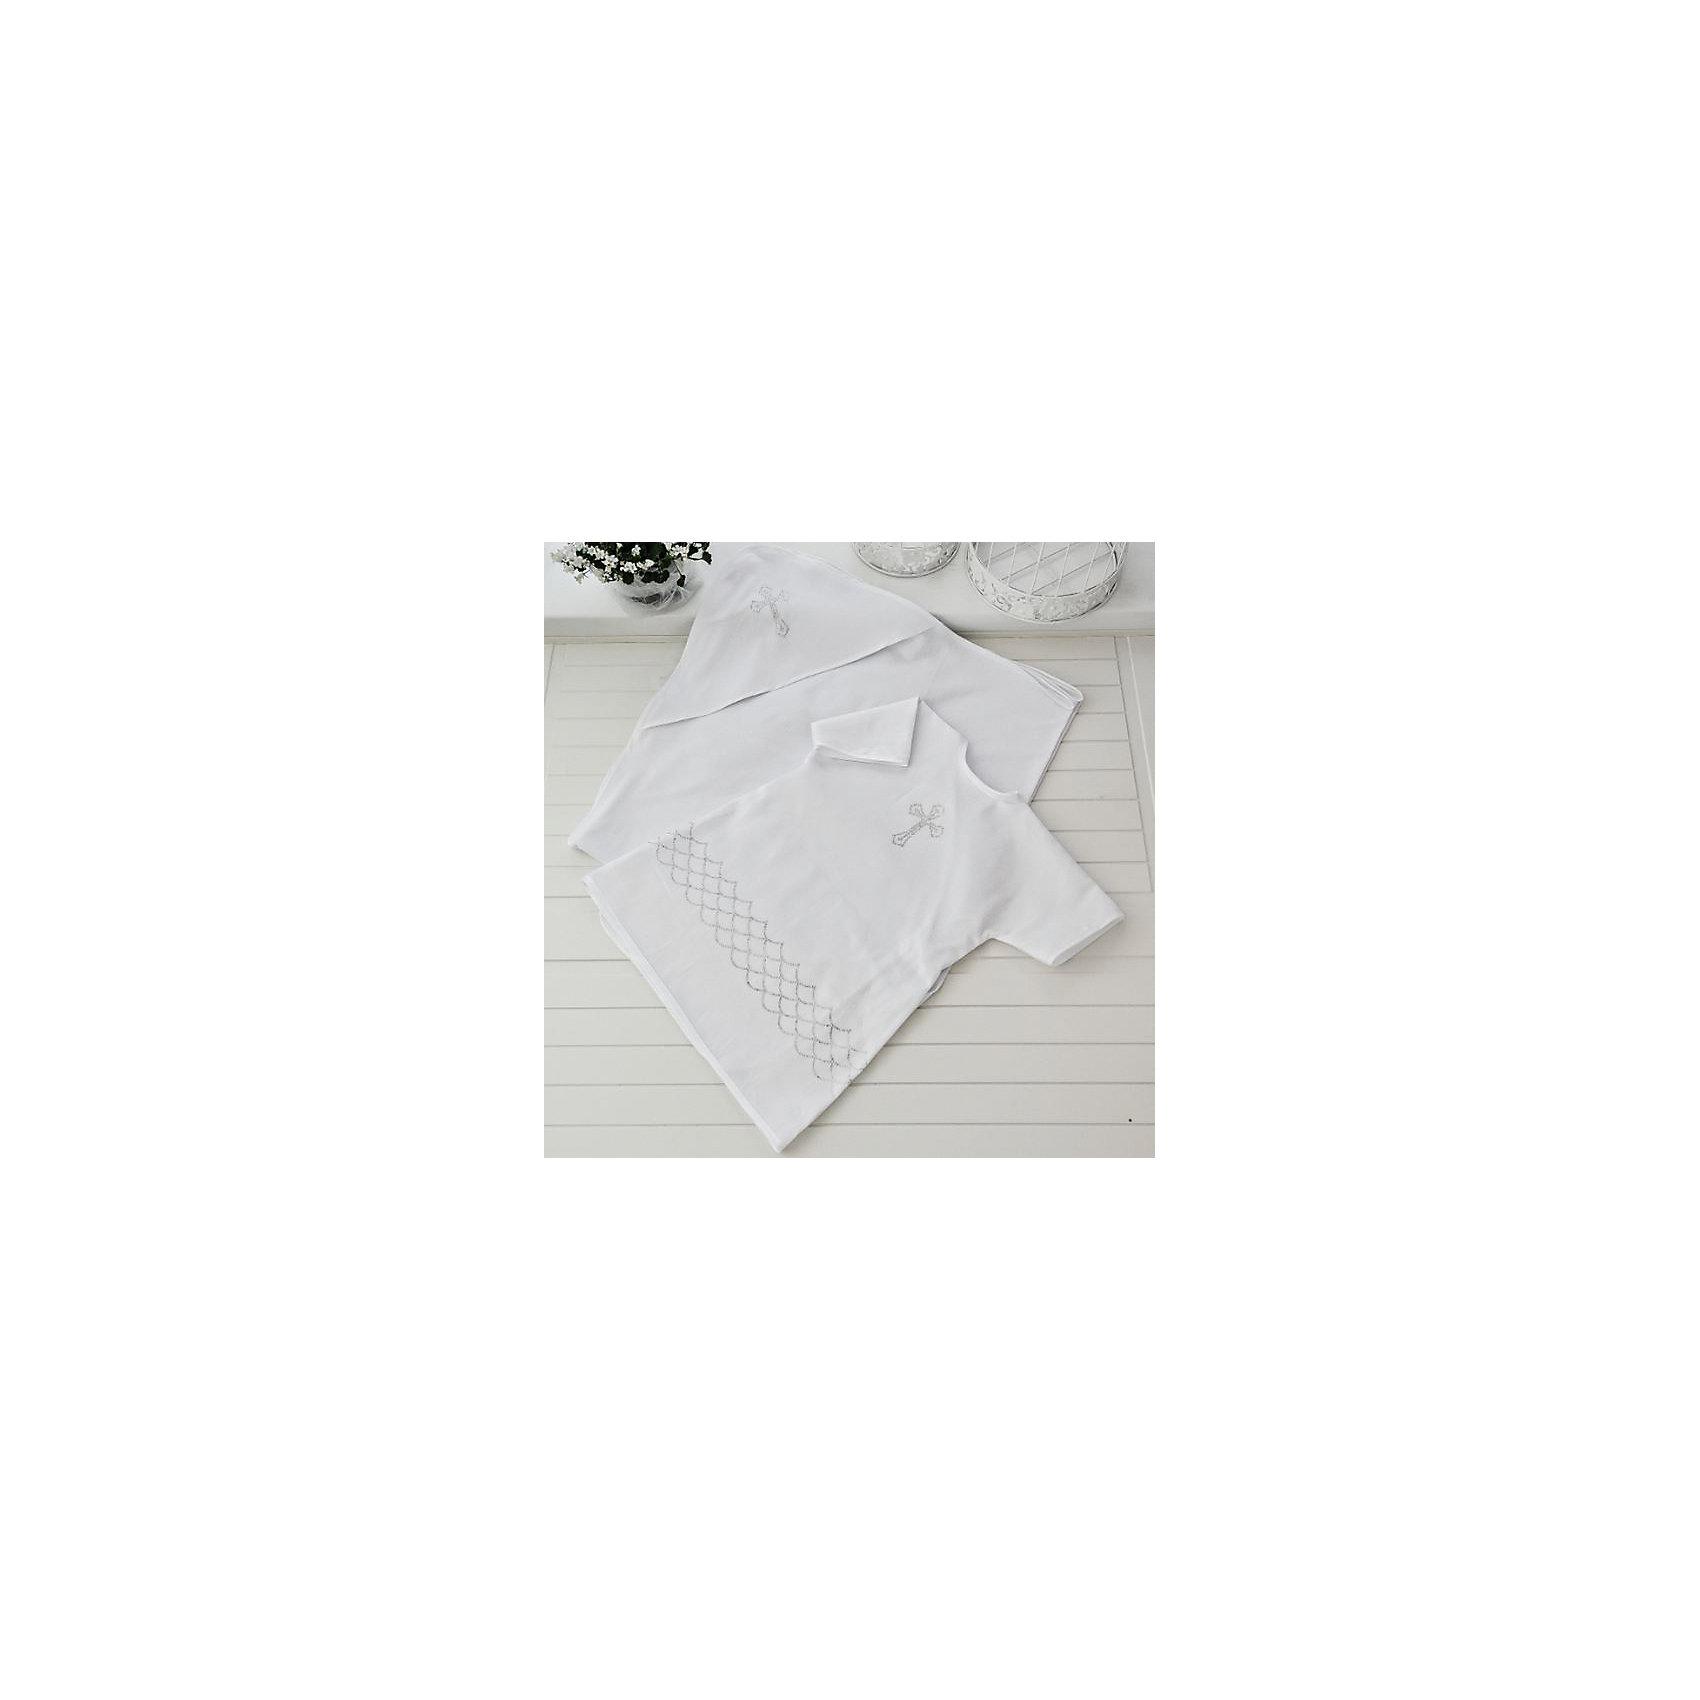 Арго Крестильный комплект 2 пред. 62-68р., Арго, белый арго комплект на выписку арго 8 пред лето синтепон пл 100 розовый